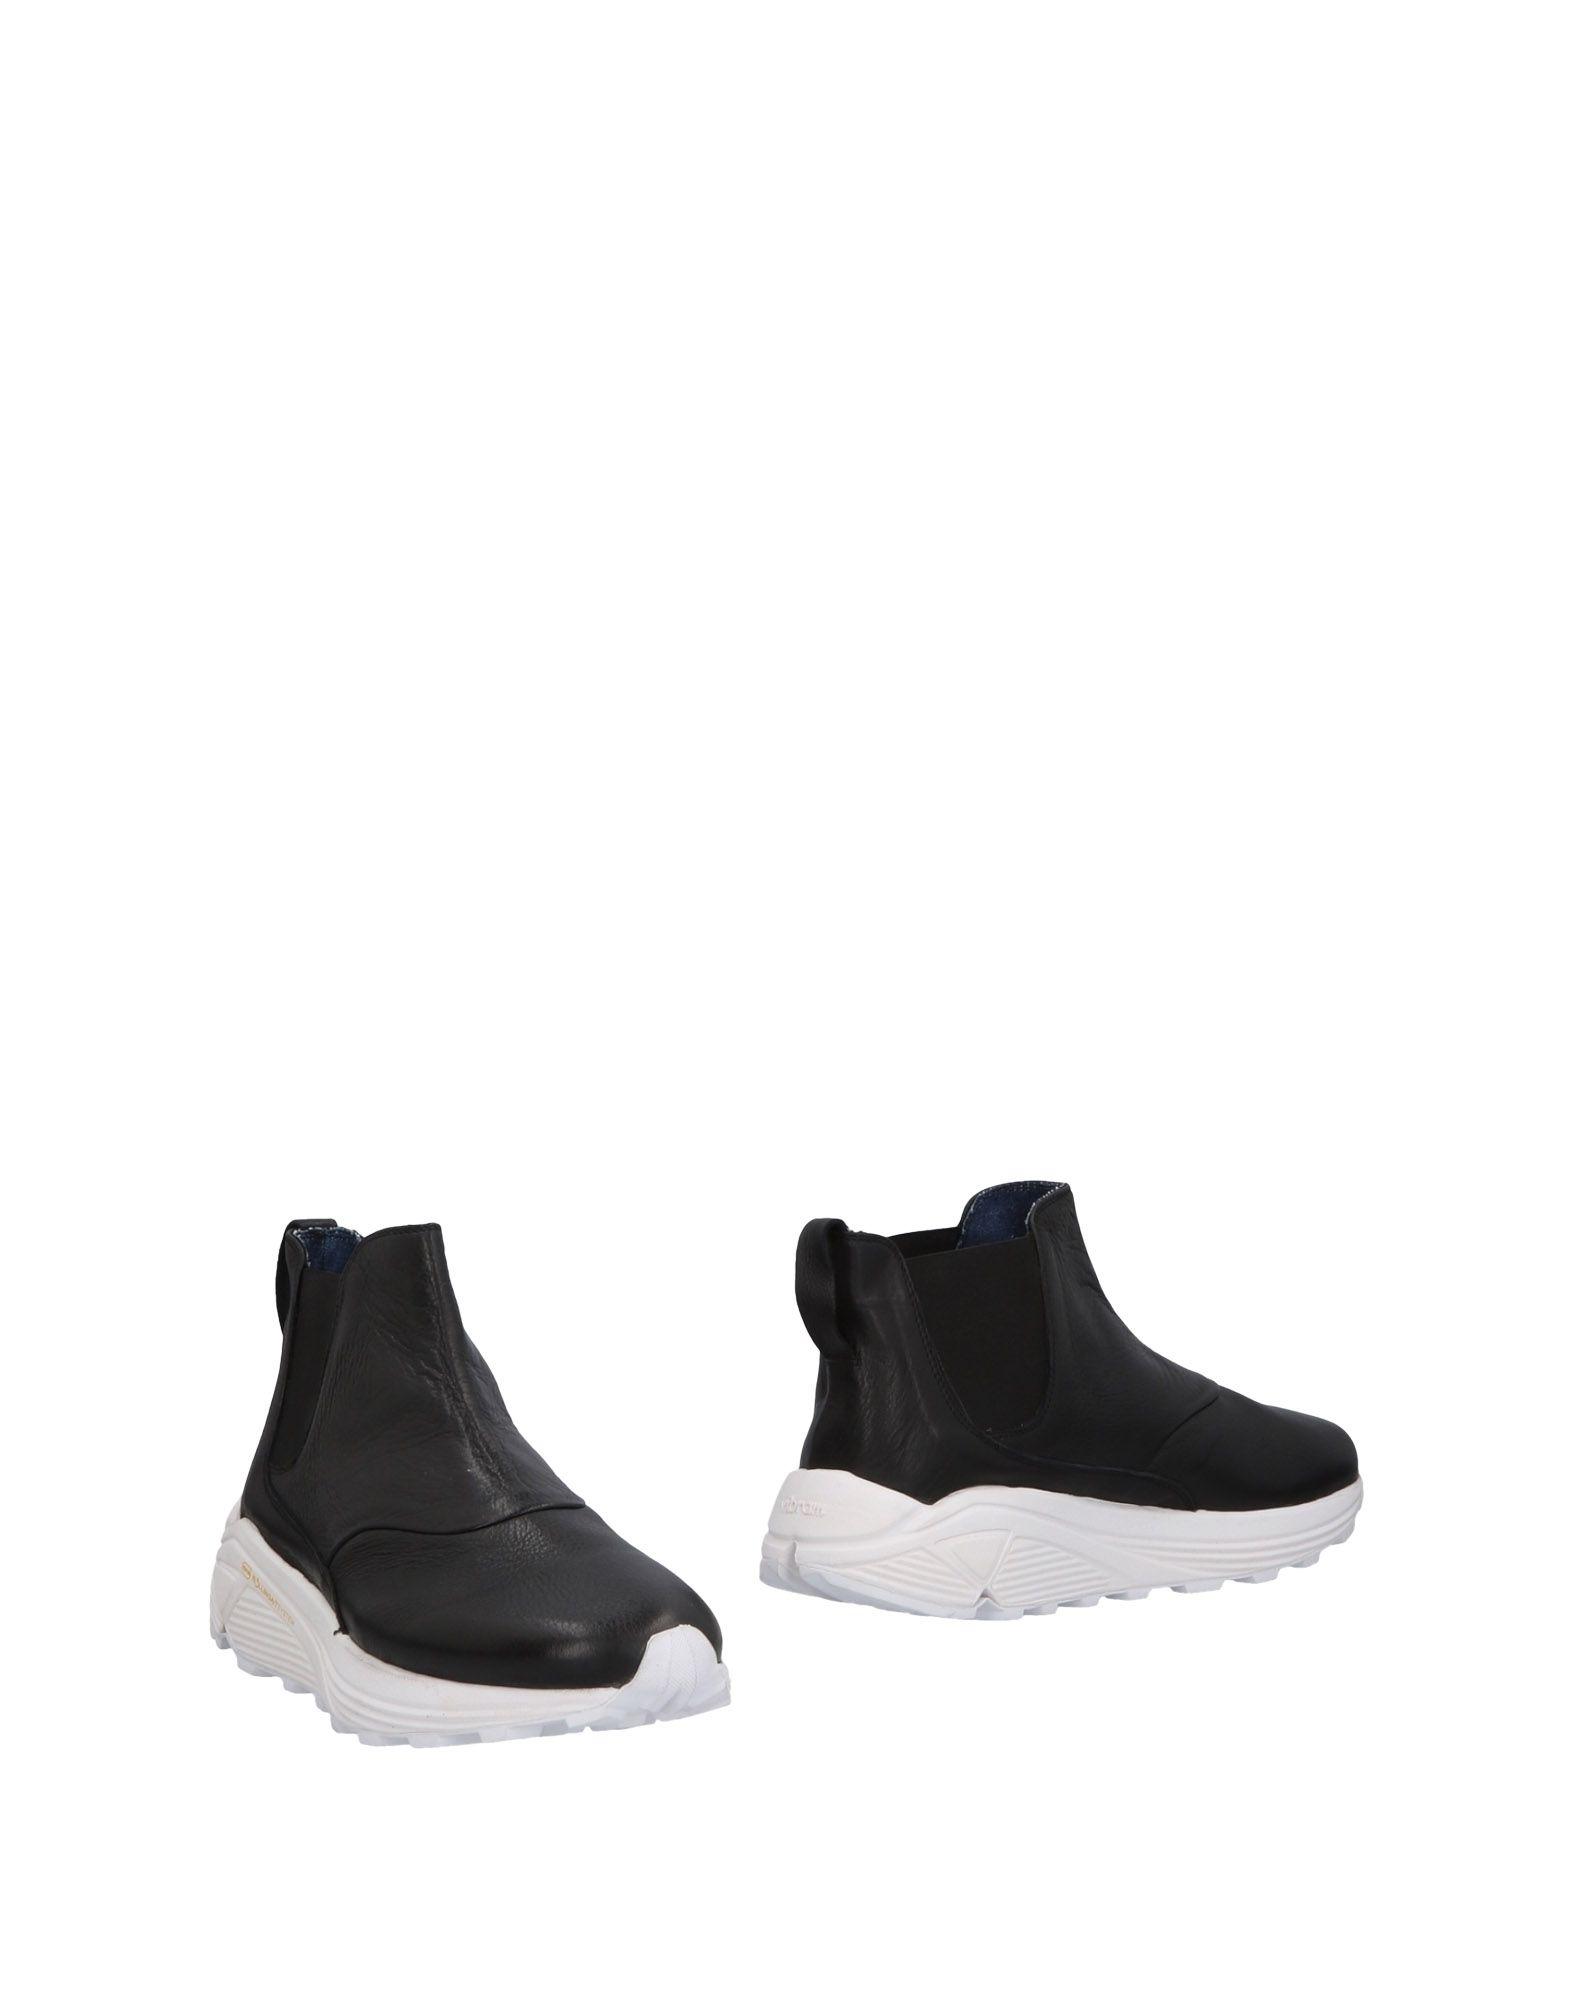 Haltbare Haltbare Haltbare Mode billige Schuhe Side 11465500WR Beliebte Schuhe 6aecb7